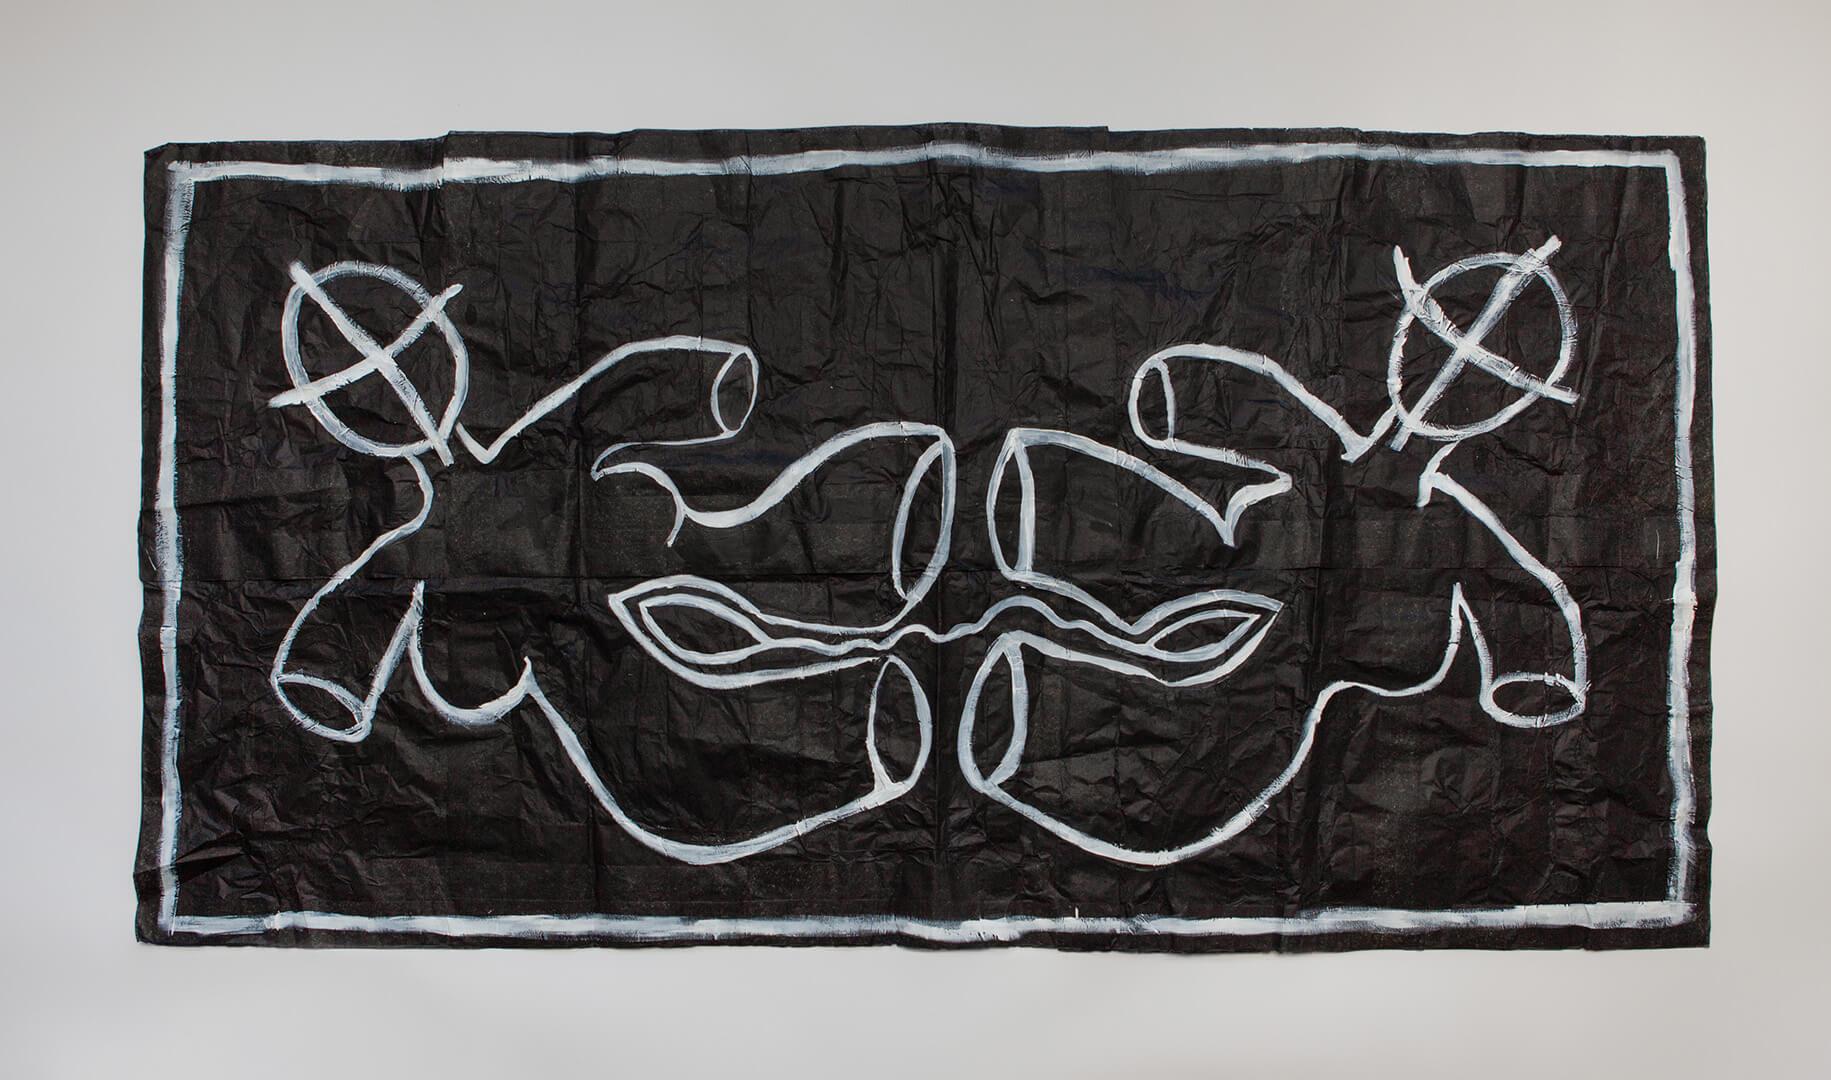 United #1, 85x180cm, Acrylic on Handmade Japanese Washi Paper